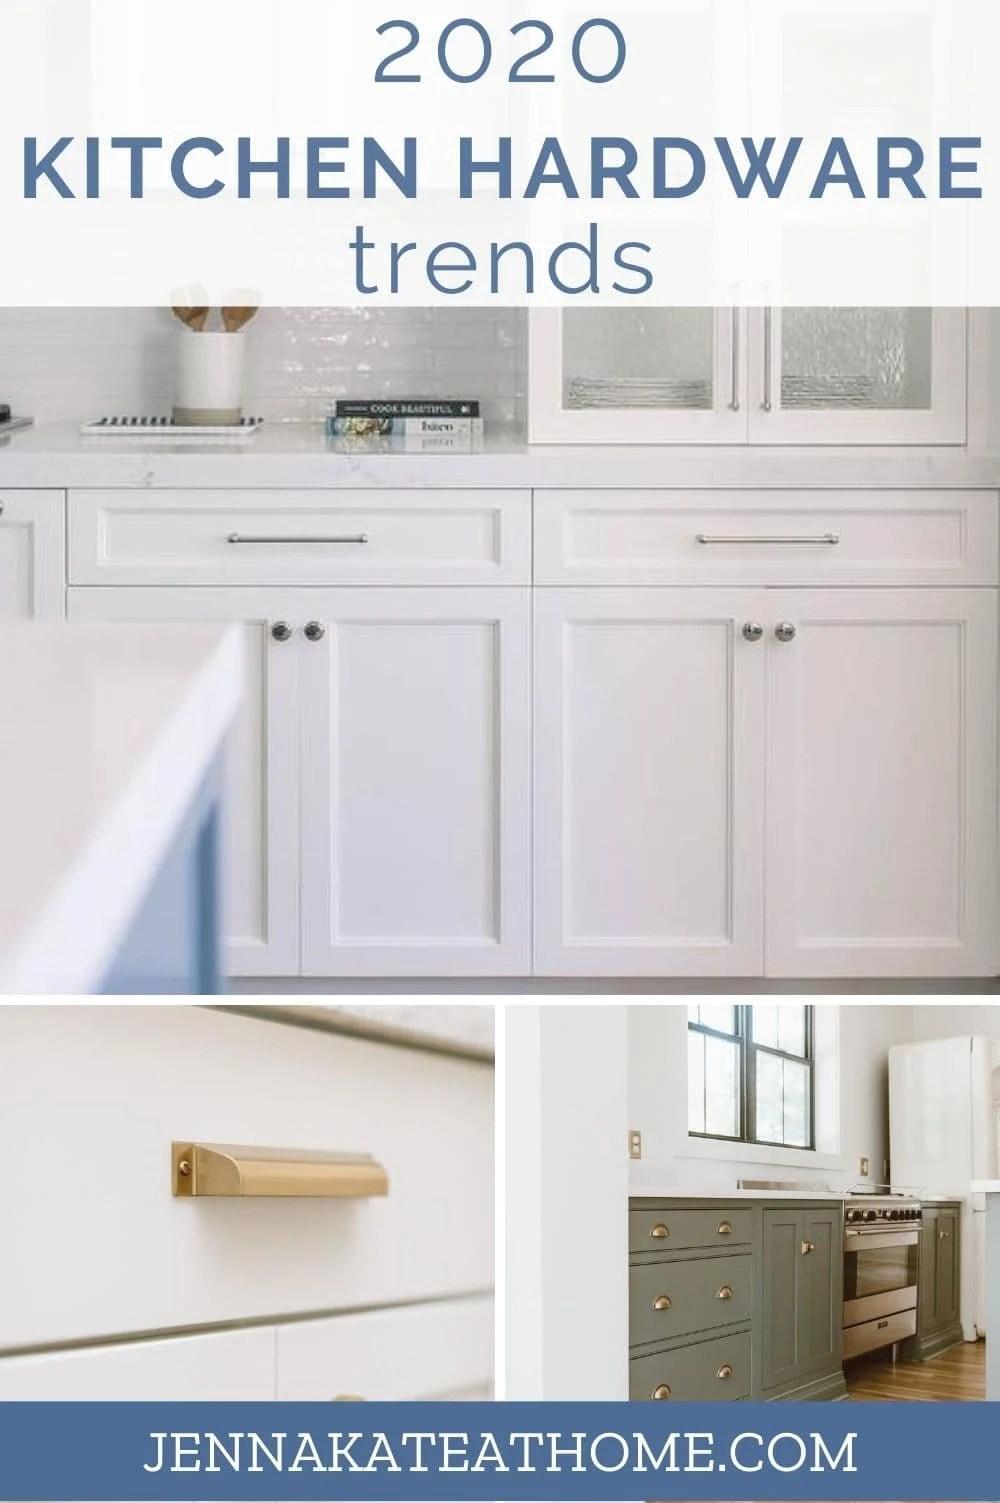 2020 kitchen hardware trends